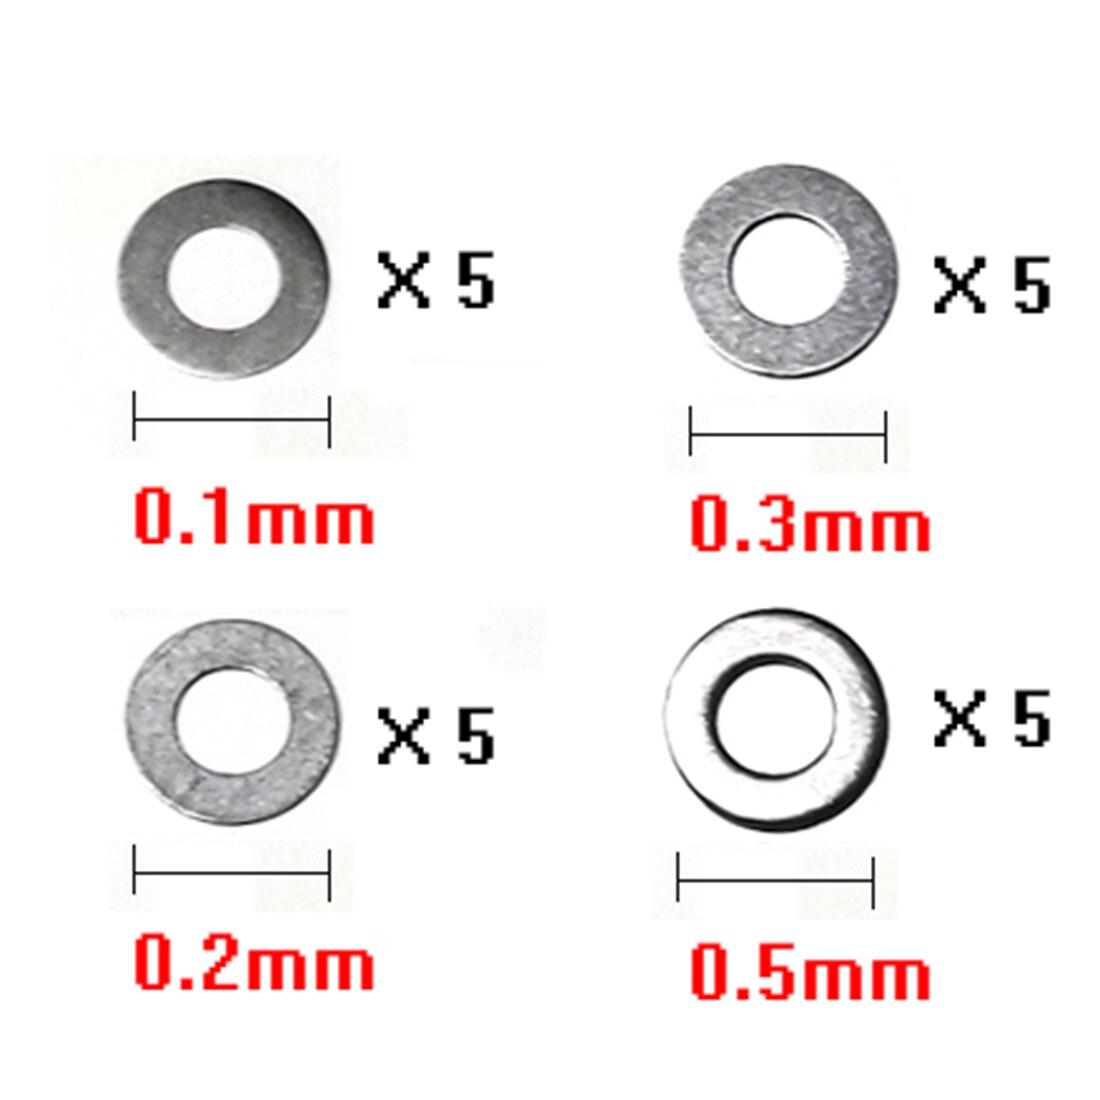 0,1mm/0,2mm/0,3mm/0,5mm Getriebe Dichtung Für Jm Gen.8 M4a1/jm Gen.9 M4a1/jm Gen.10-acr/xwe M4/lh Vector Getriebe Änderung Exquisite Handwerkskunst;